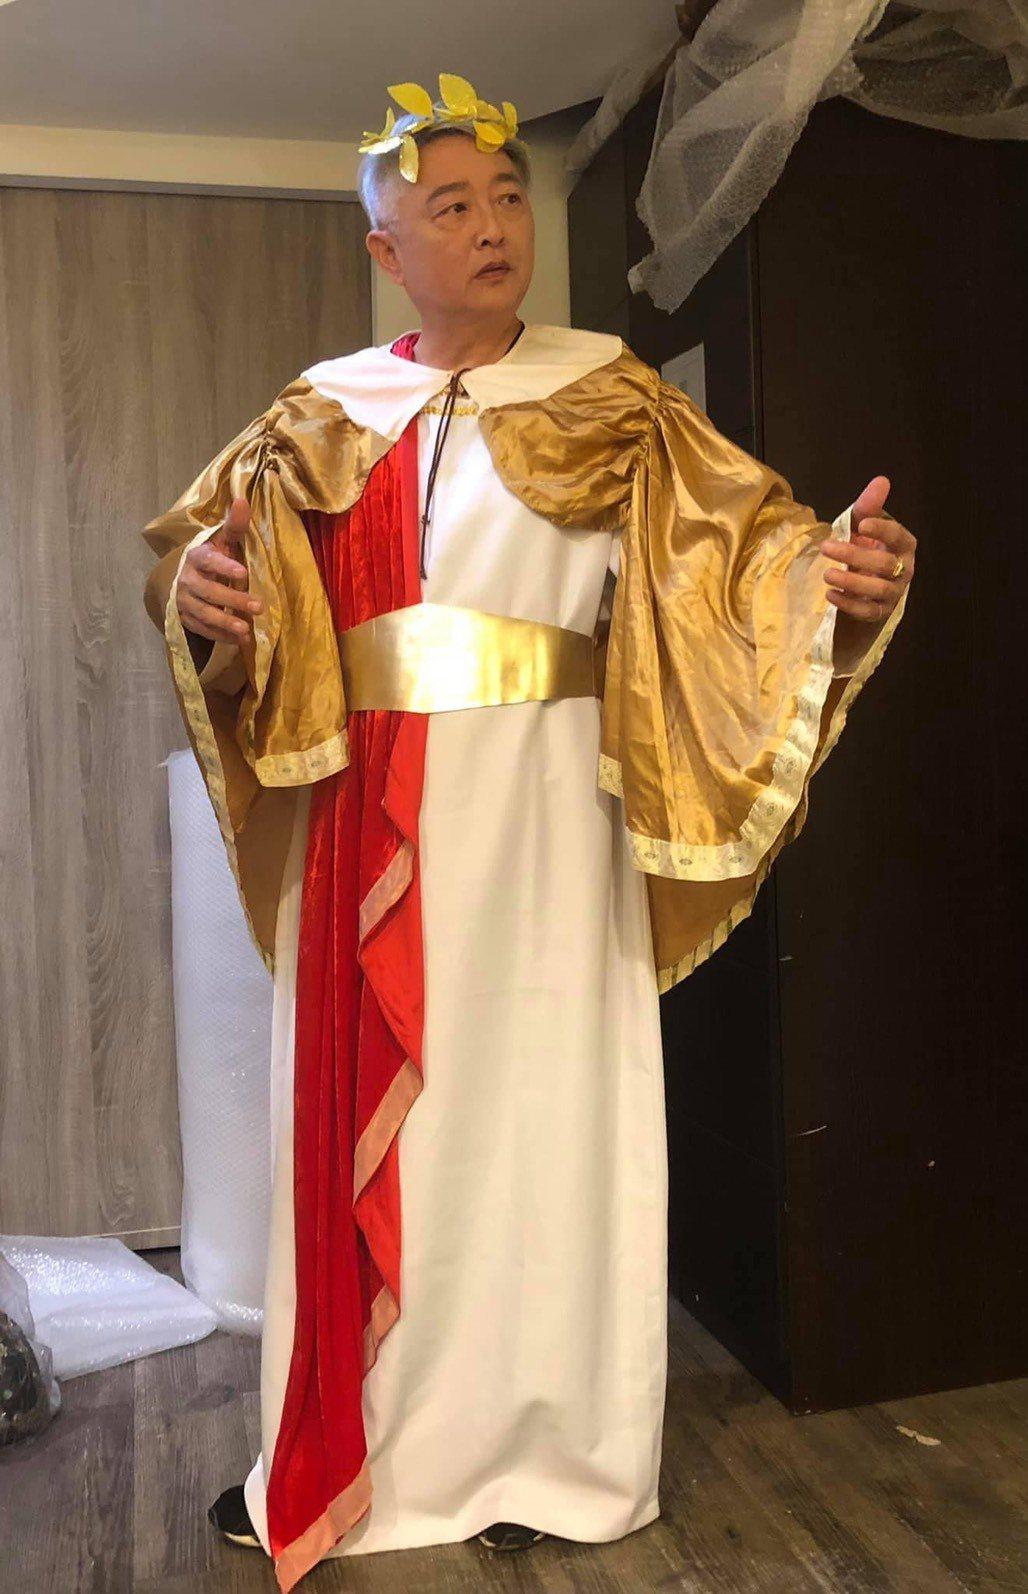 李國超為舞台劇「童話秀逗秀」定裝。圖/摘自臉書